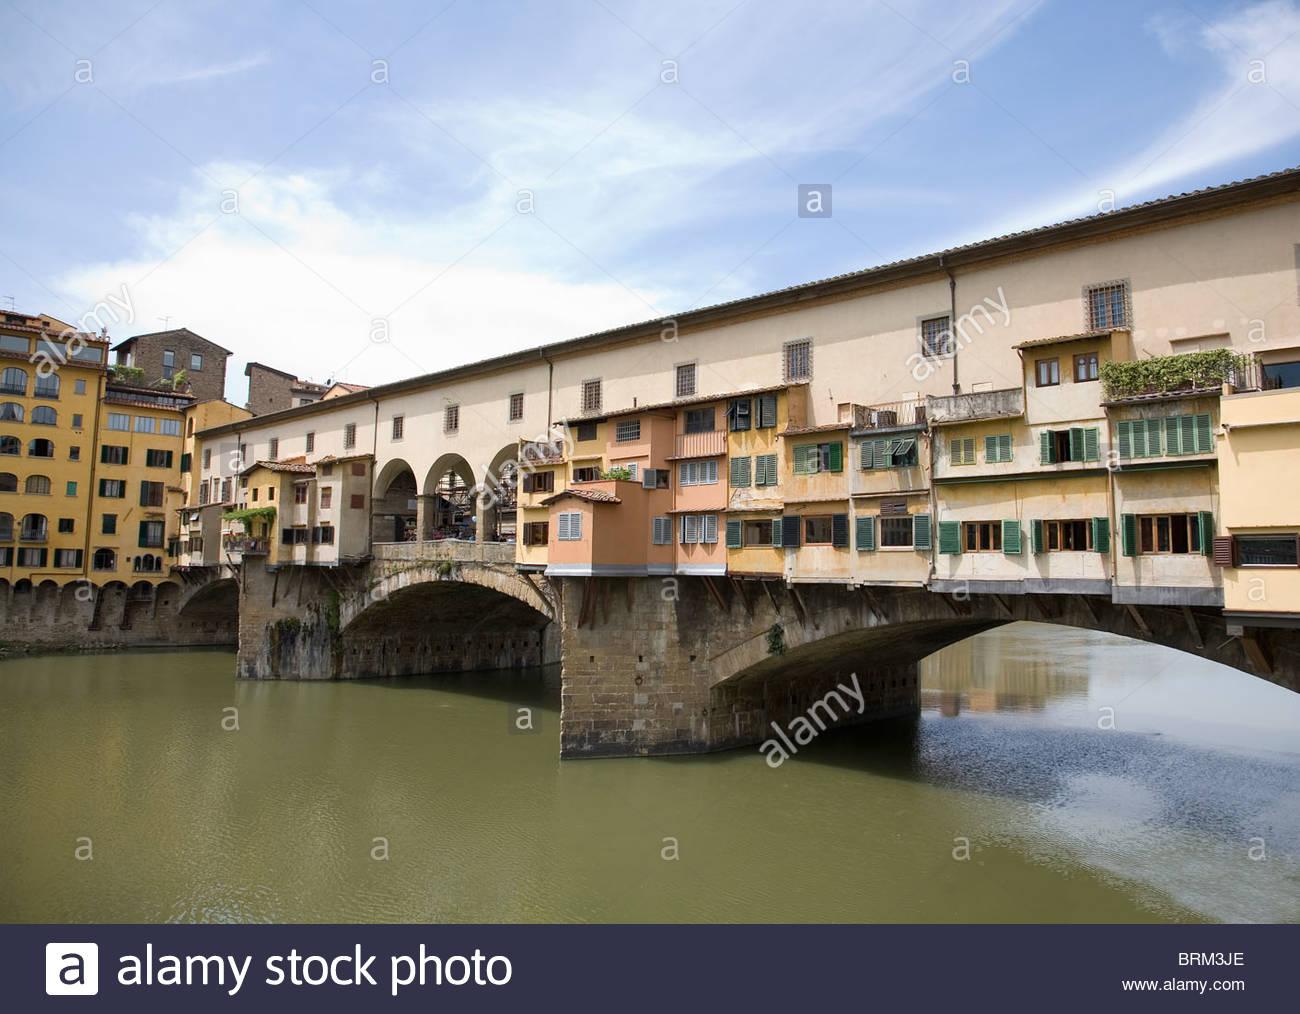 Ponte Vecchio and Arno River - Stock Image